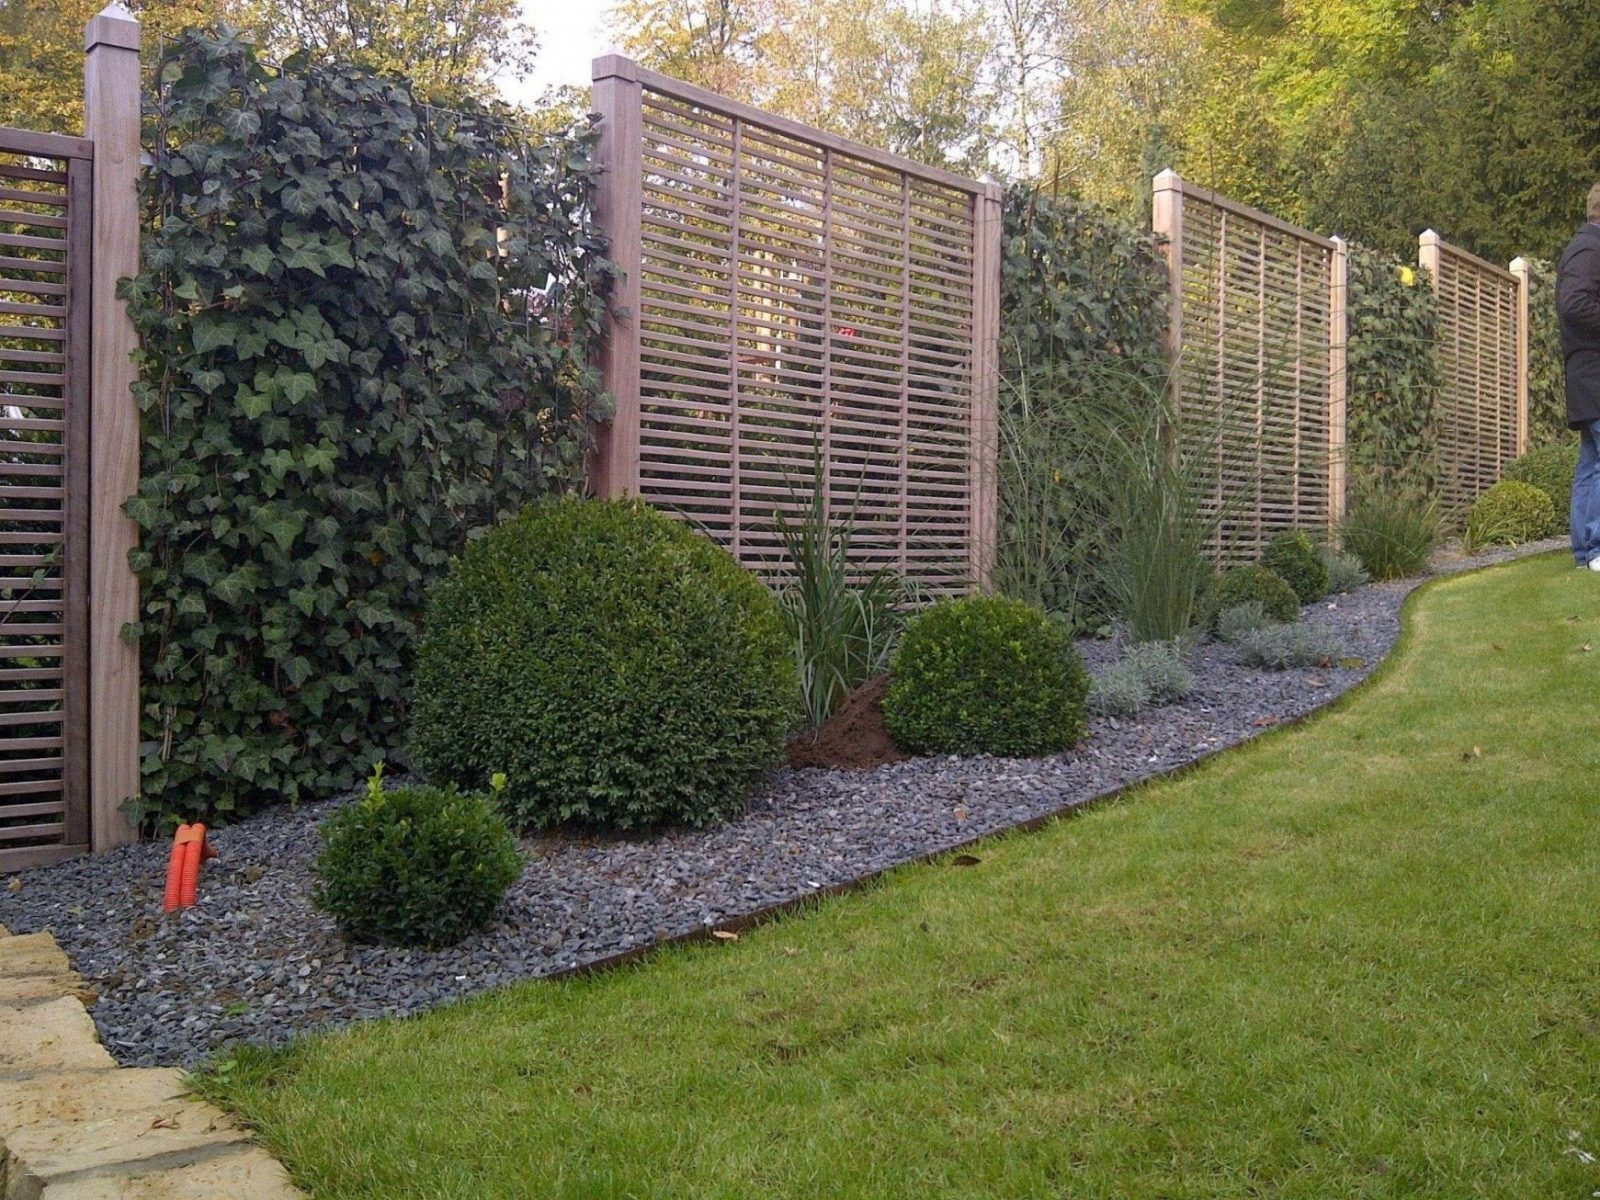 Vorgarten Gestalten Zaun Design Von Gartenzaun Gestalten  Komplette von Kleiner Zaun Für Vorgarten Photo